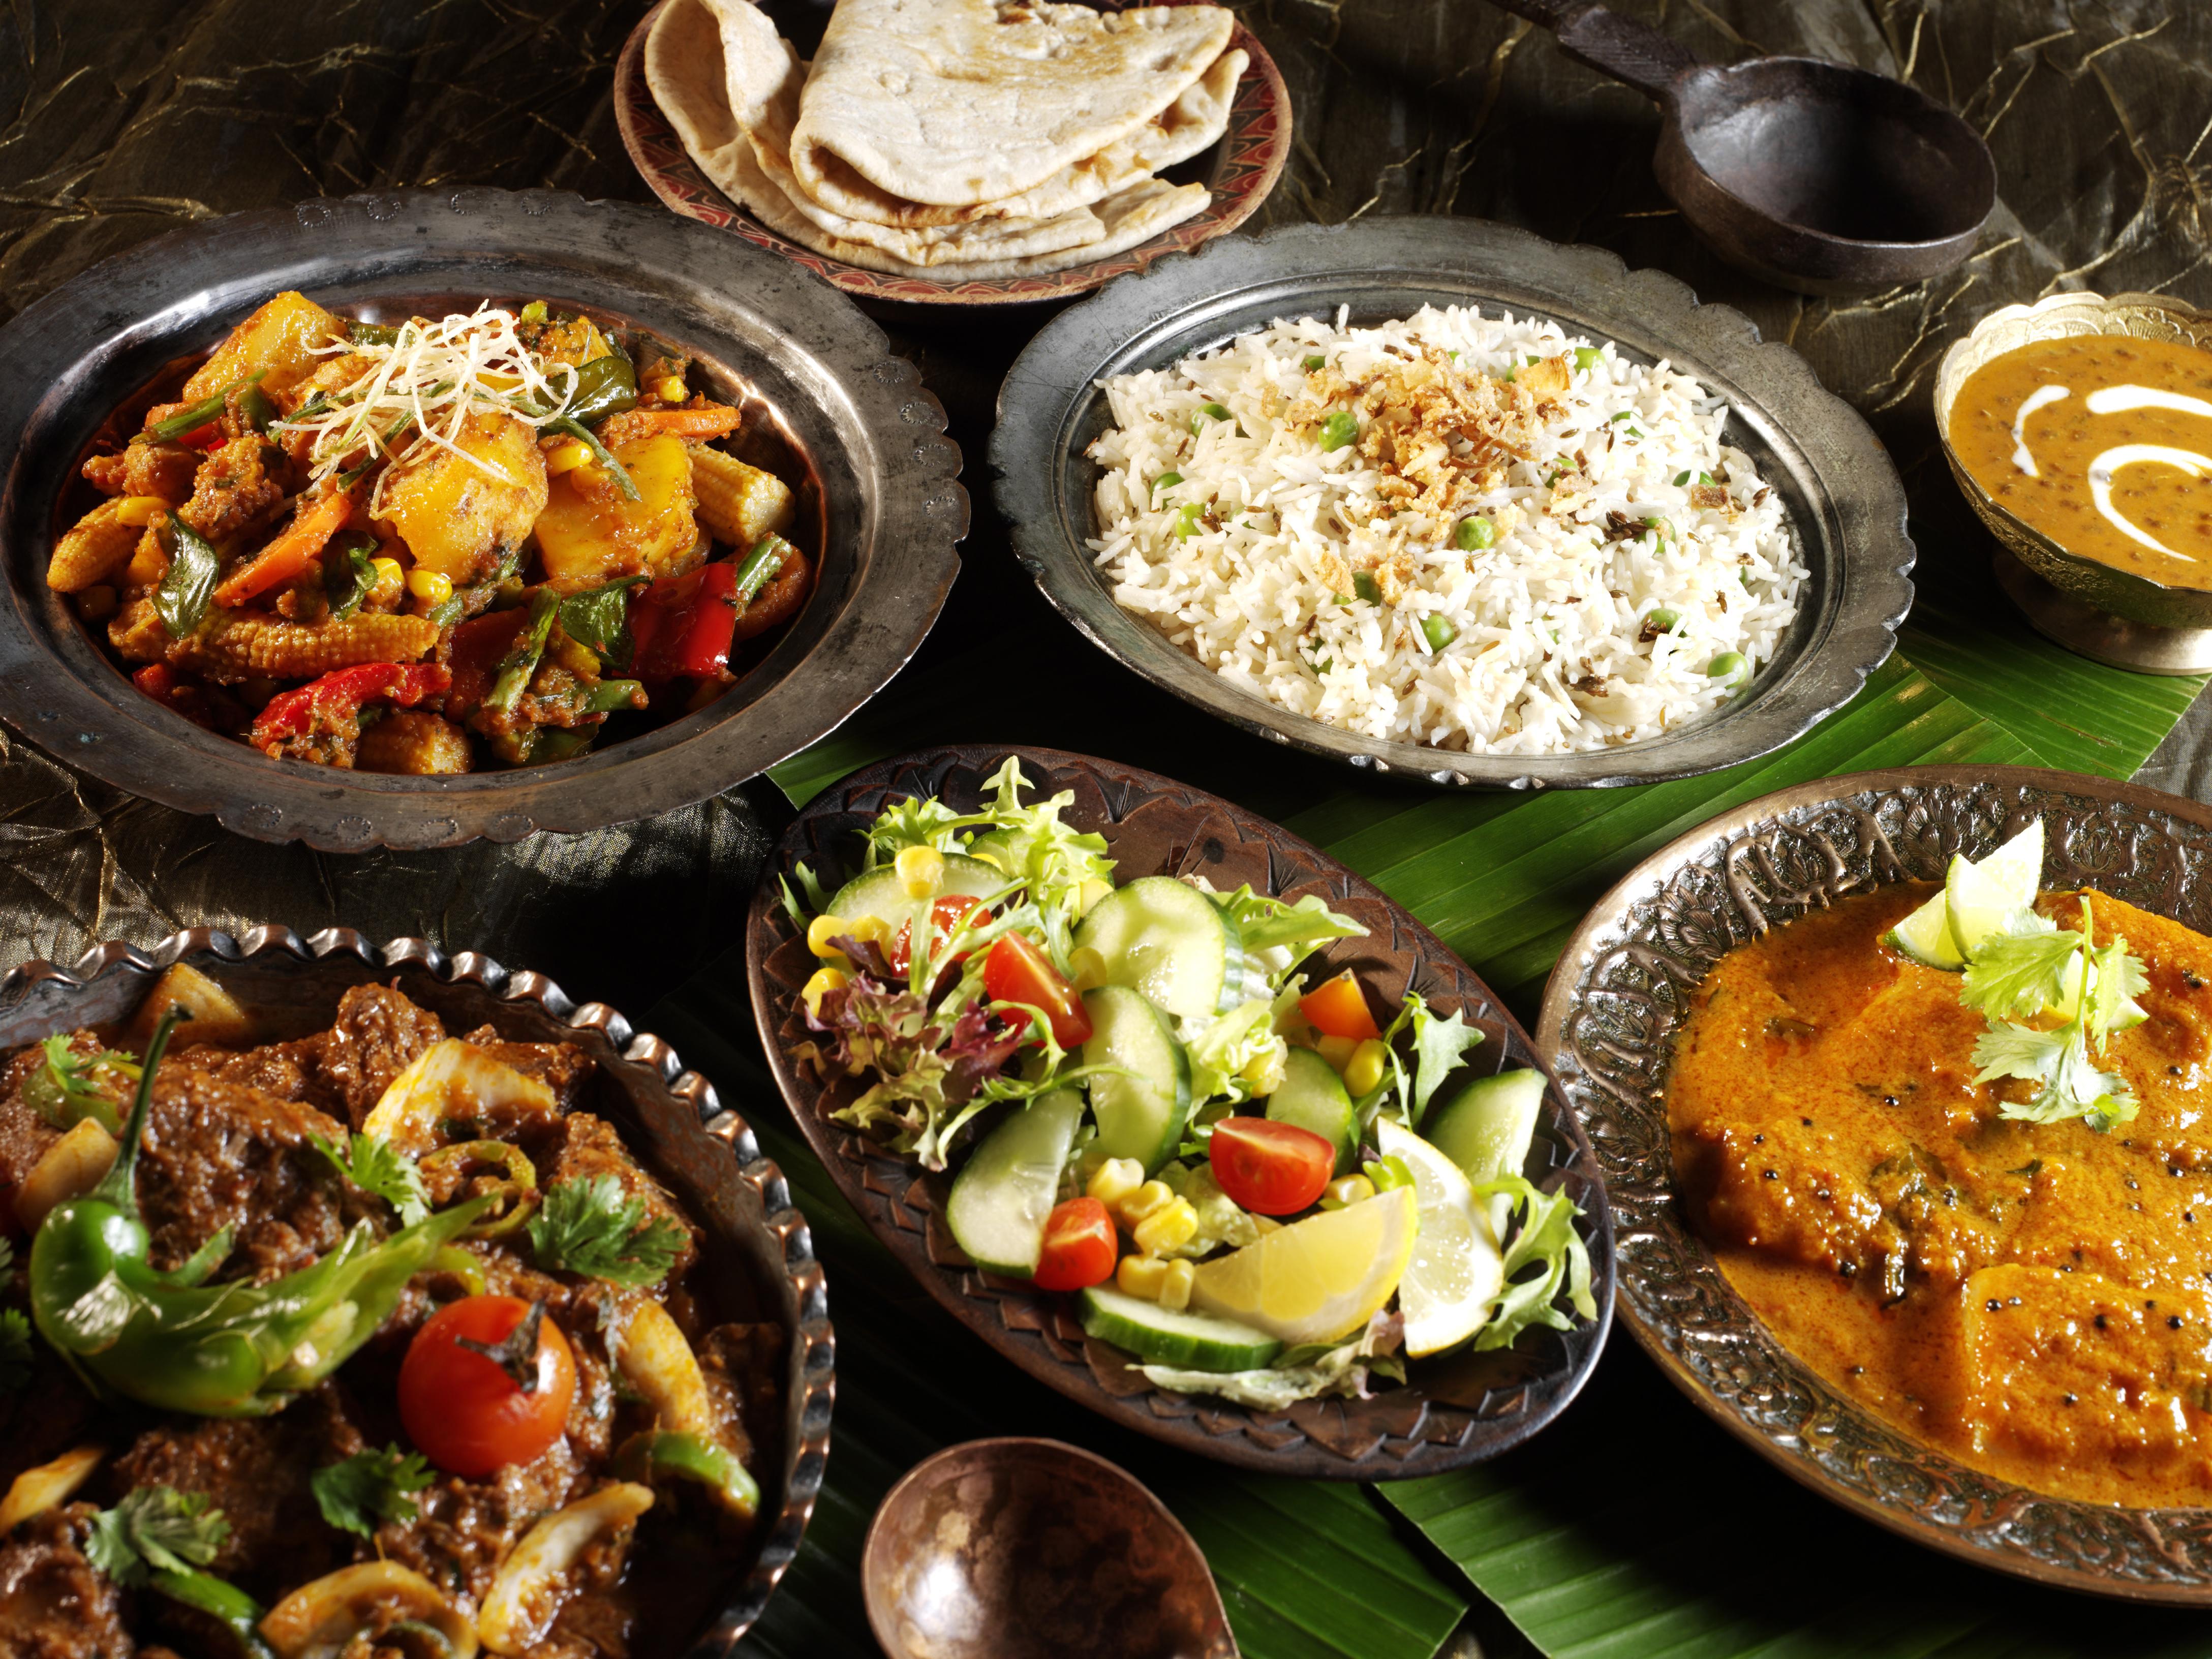 ≫Curso de Cocina Tailandesa SENA ¡Sé un amante de la gastronomía!